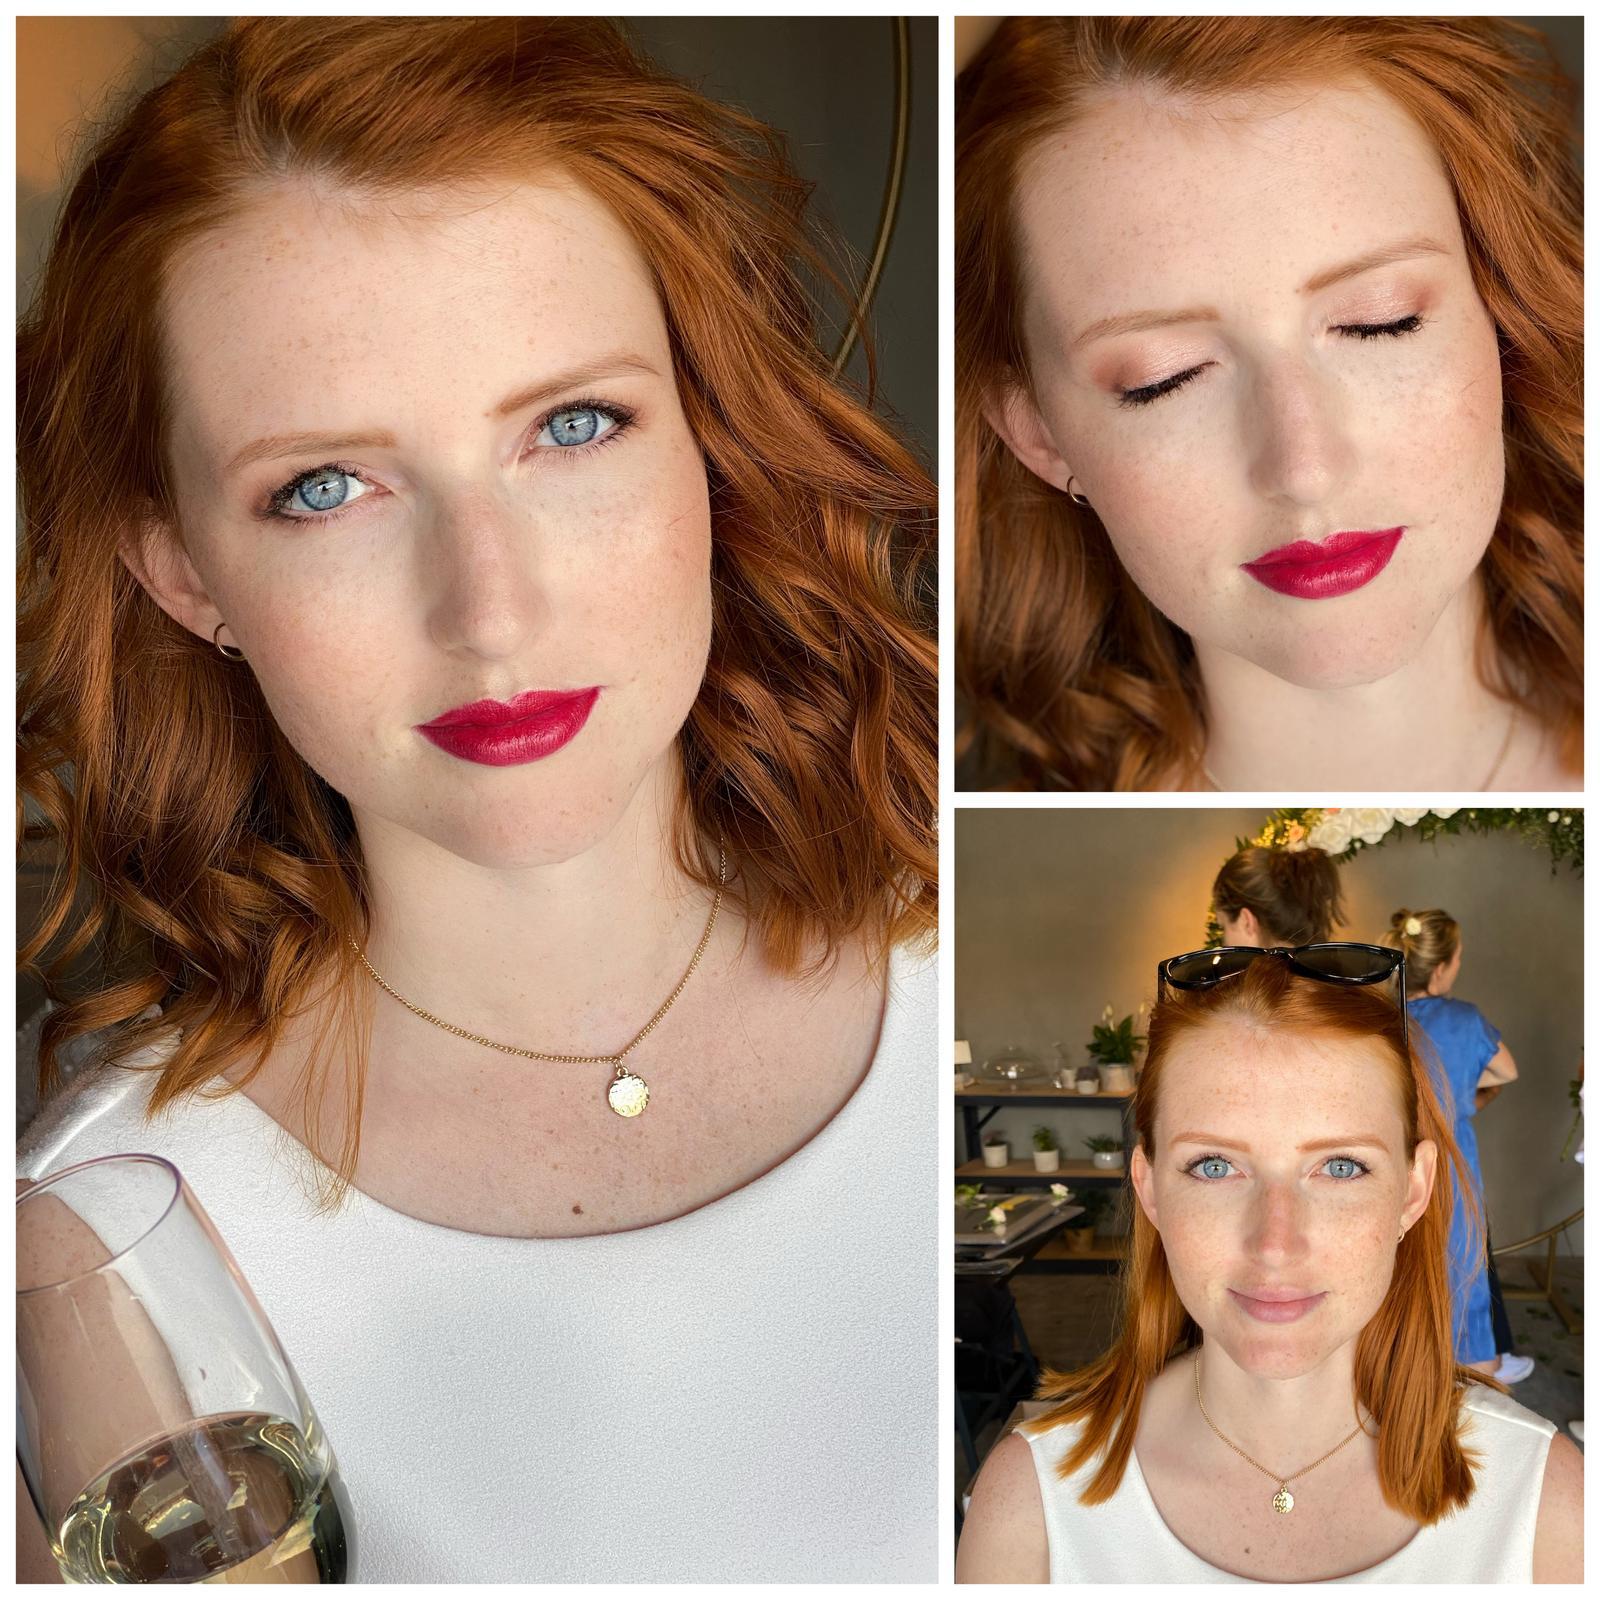 """Makeup & hair 2020 - Makeup na """"rozlučku se svobodou""""🌿,výrazné rty,sjednocená pleť,decentně zvýrazněné oči🙏🏻💛"""